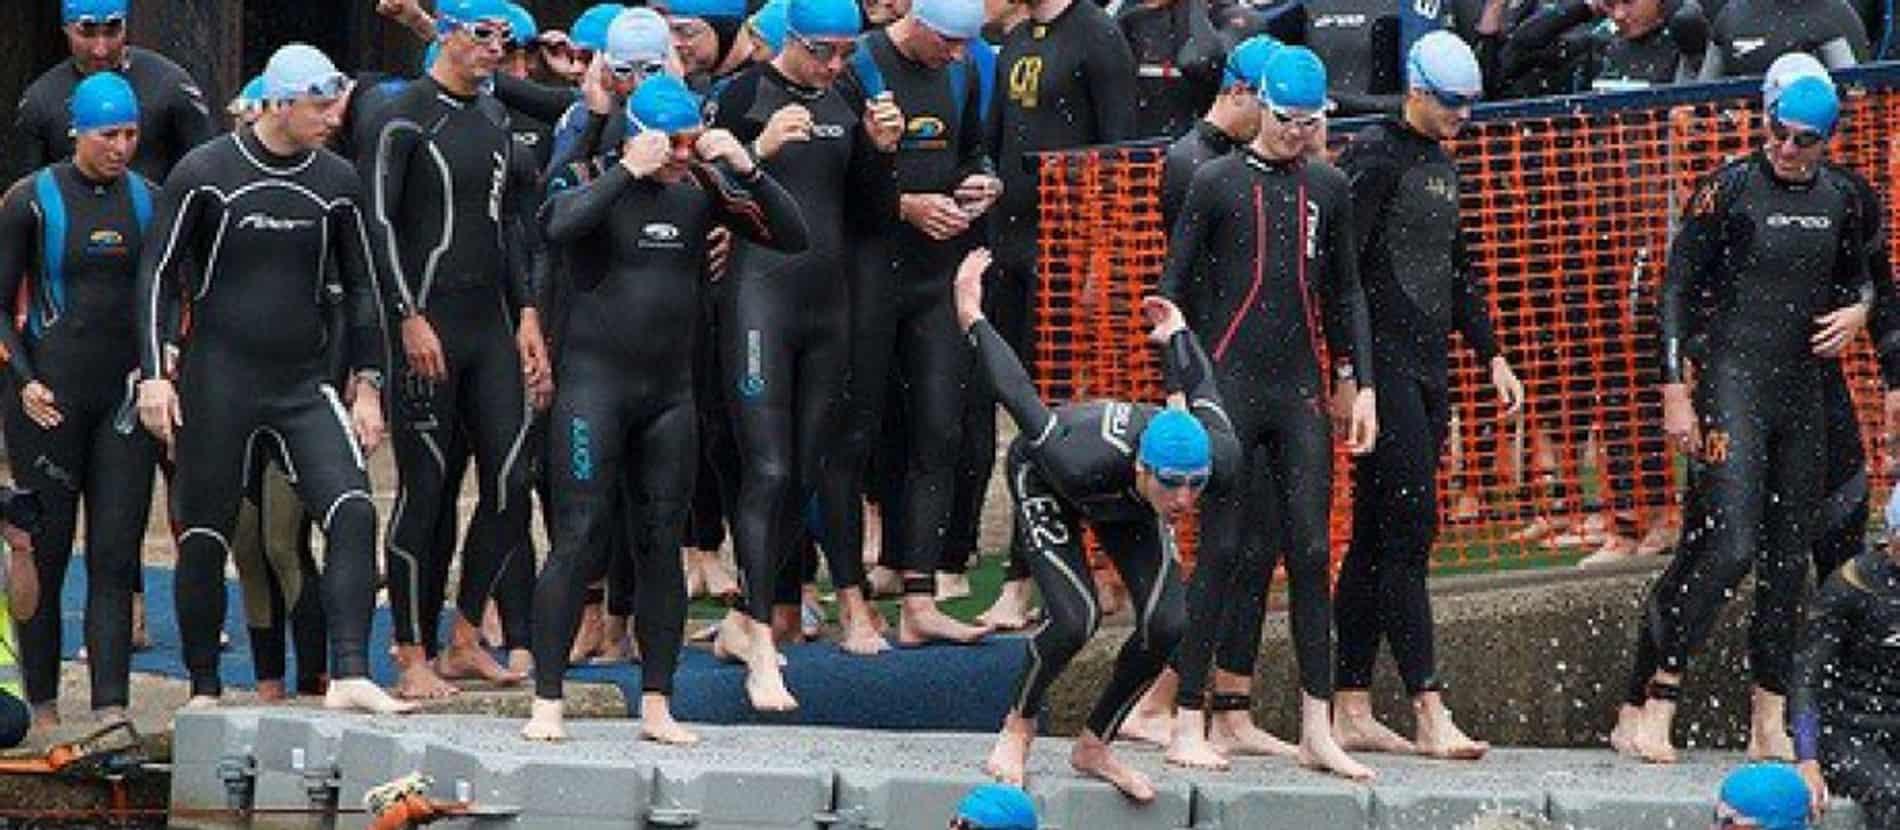 Triathlon floating swim platform